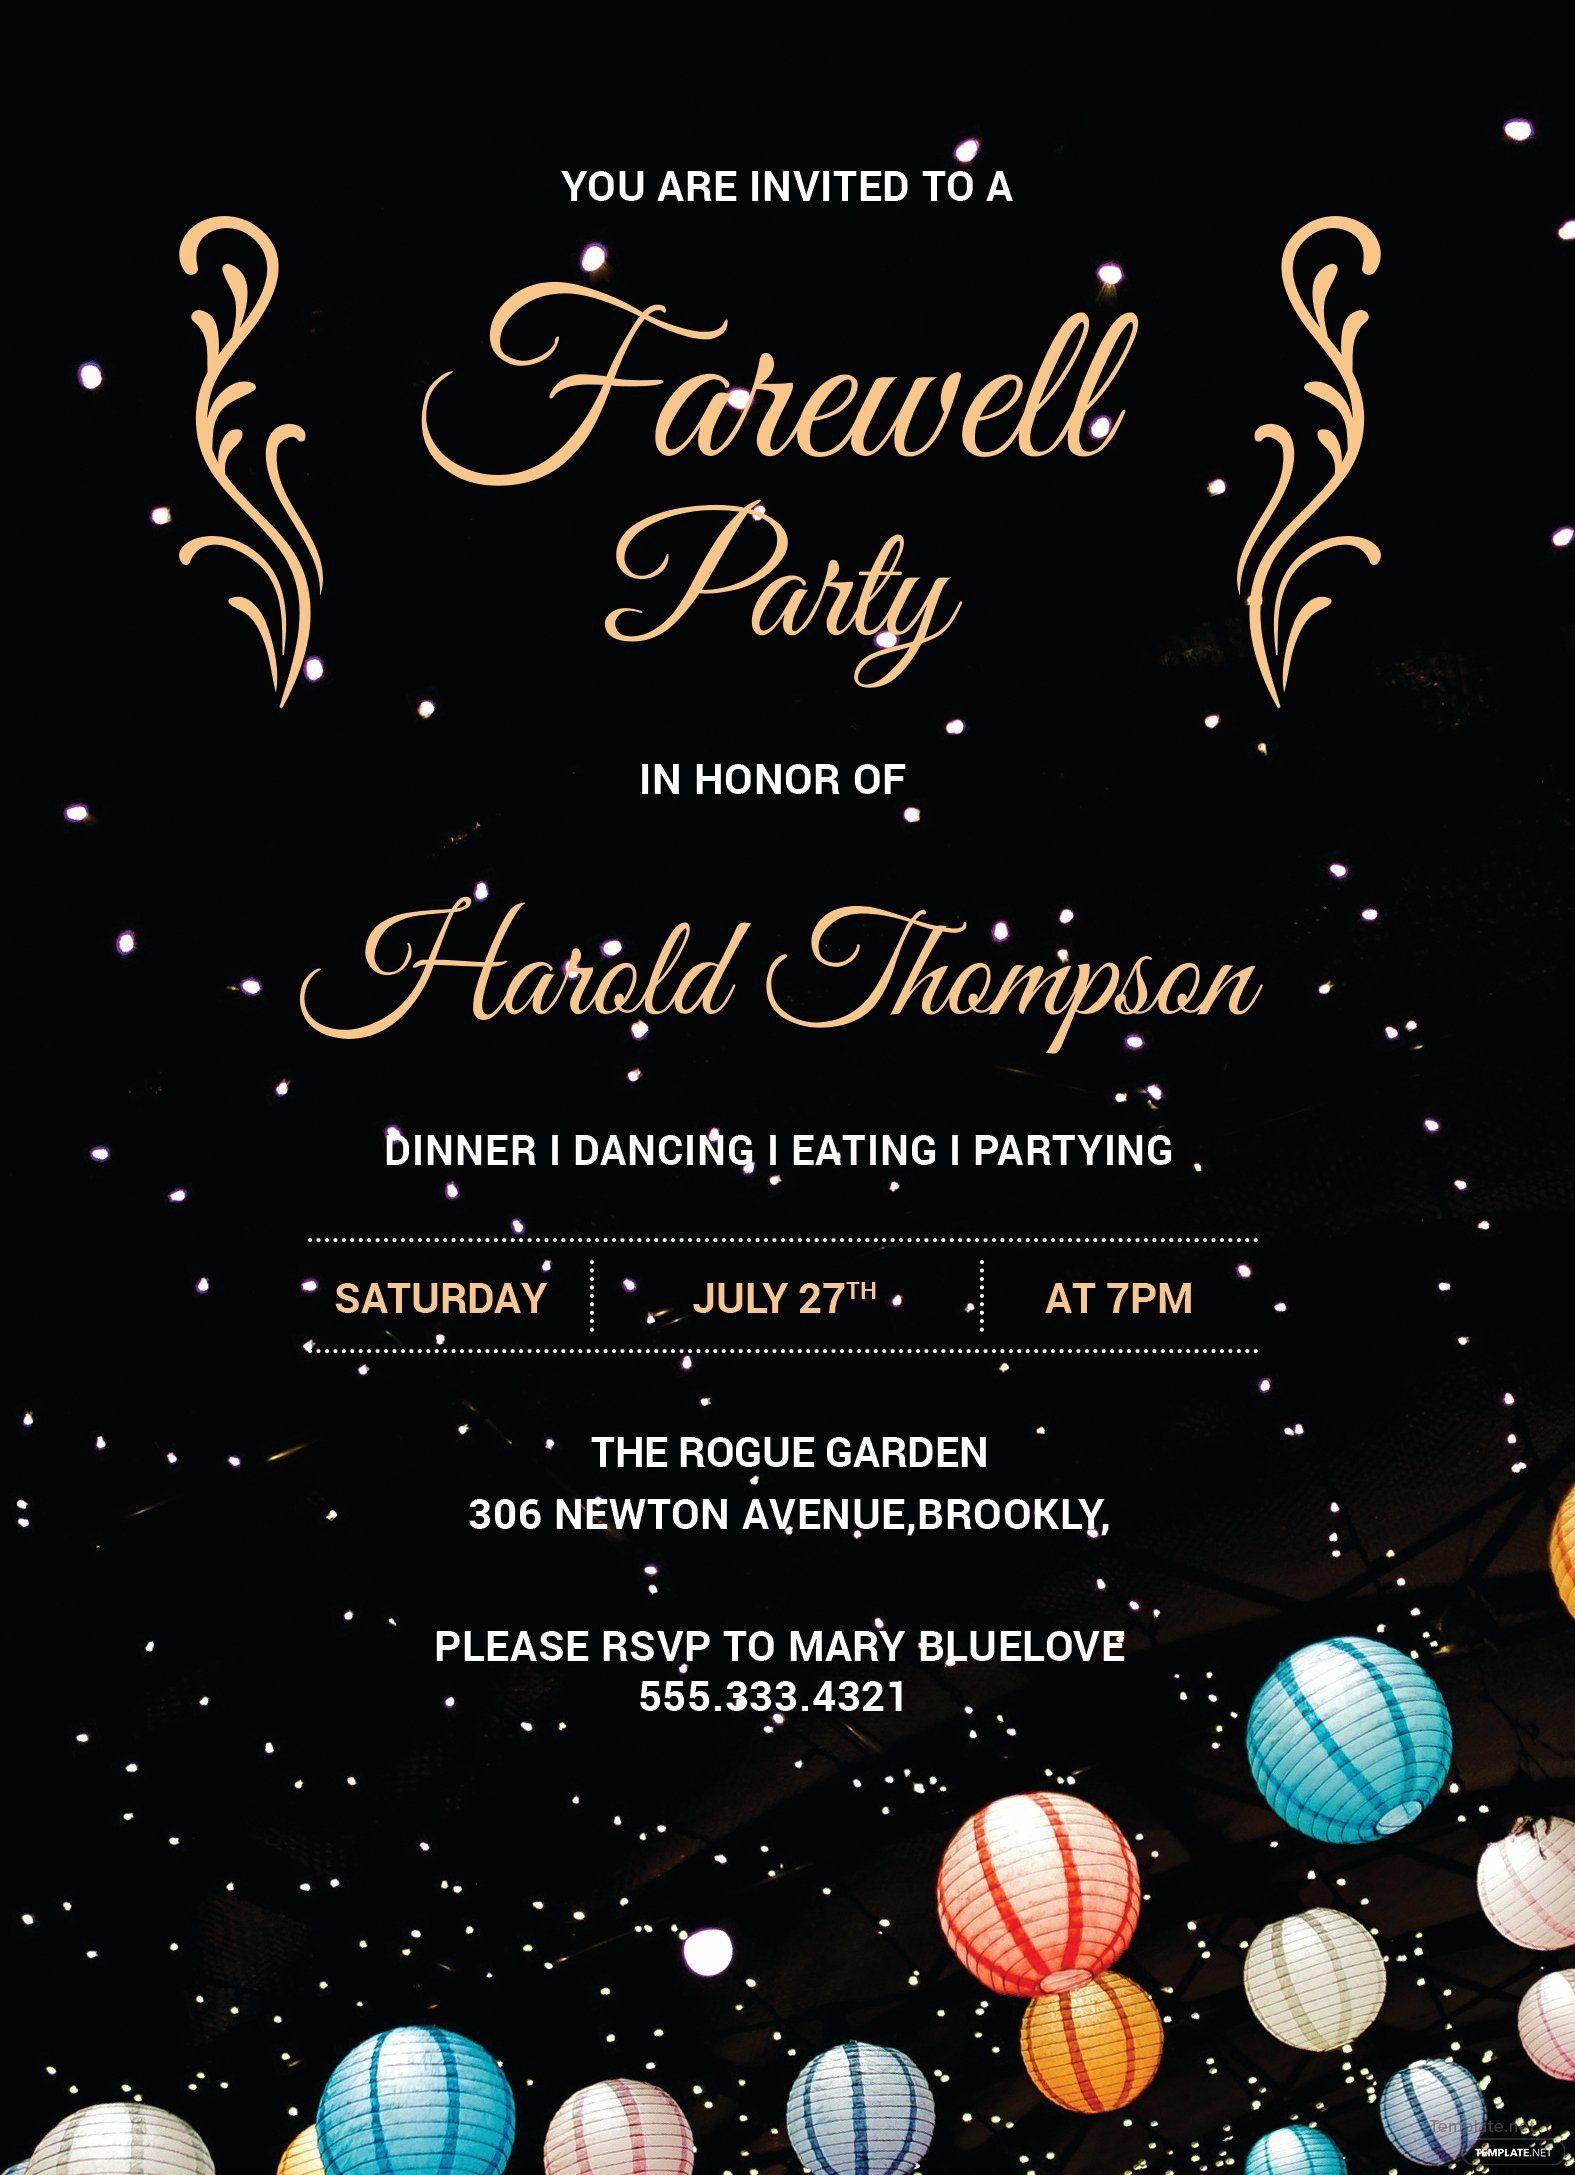 Free Farewell Invitation Template Unique Free Farewell Party Invitation Template In A Party Invite Template Farewell Invitation Card Farewell Party Invitations